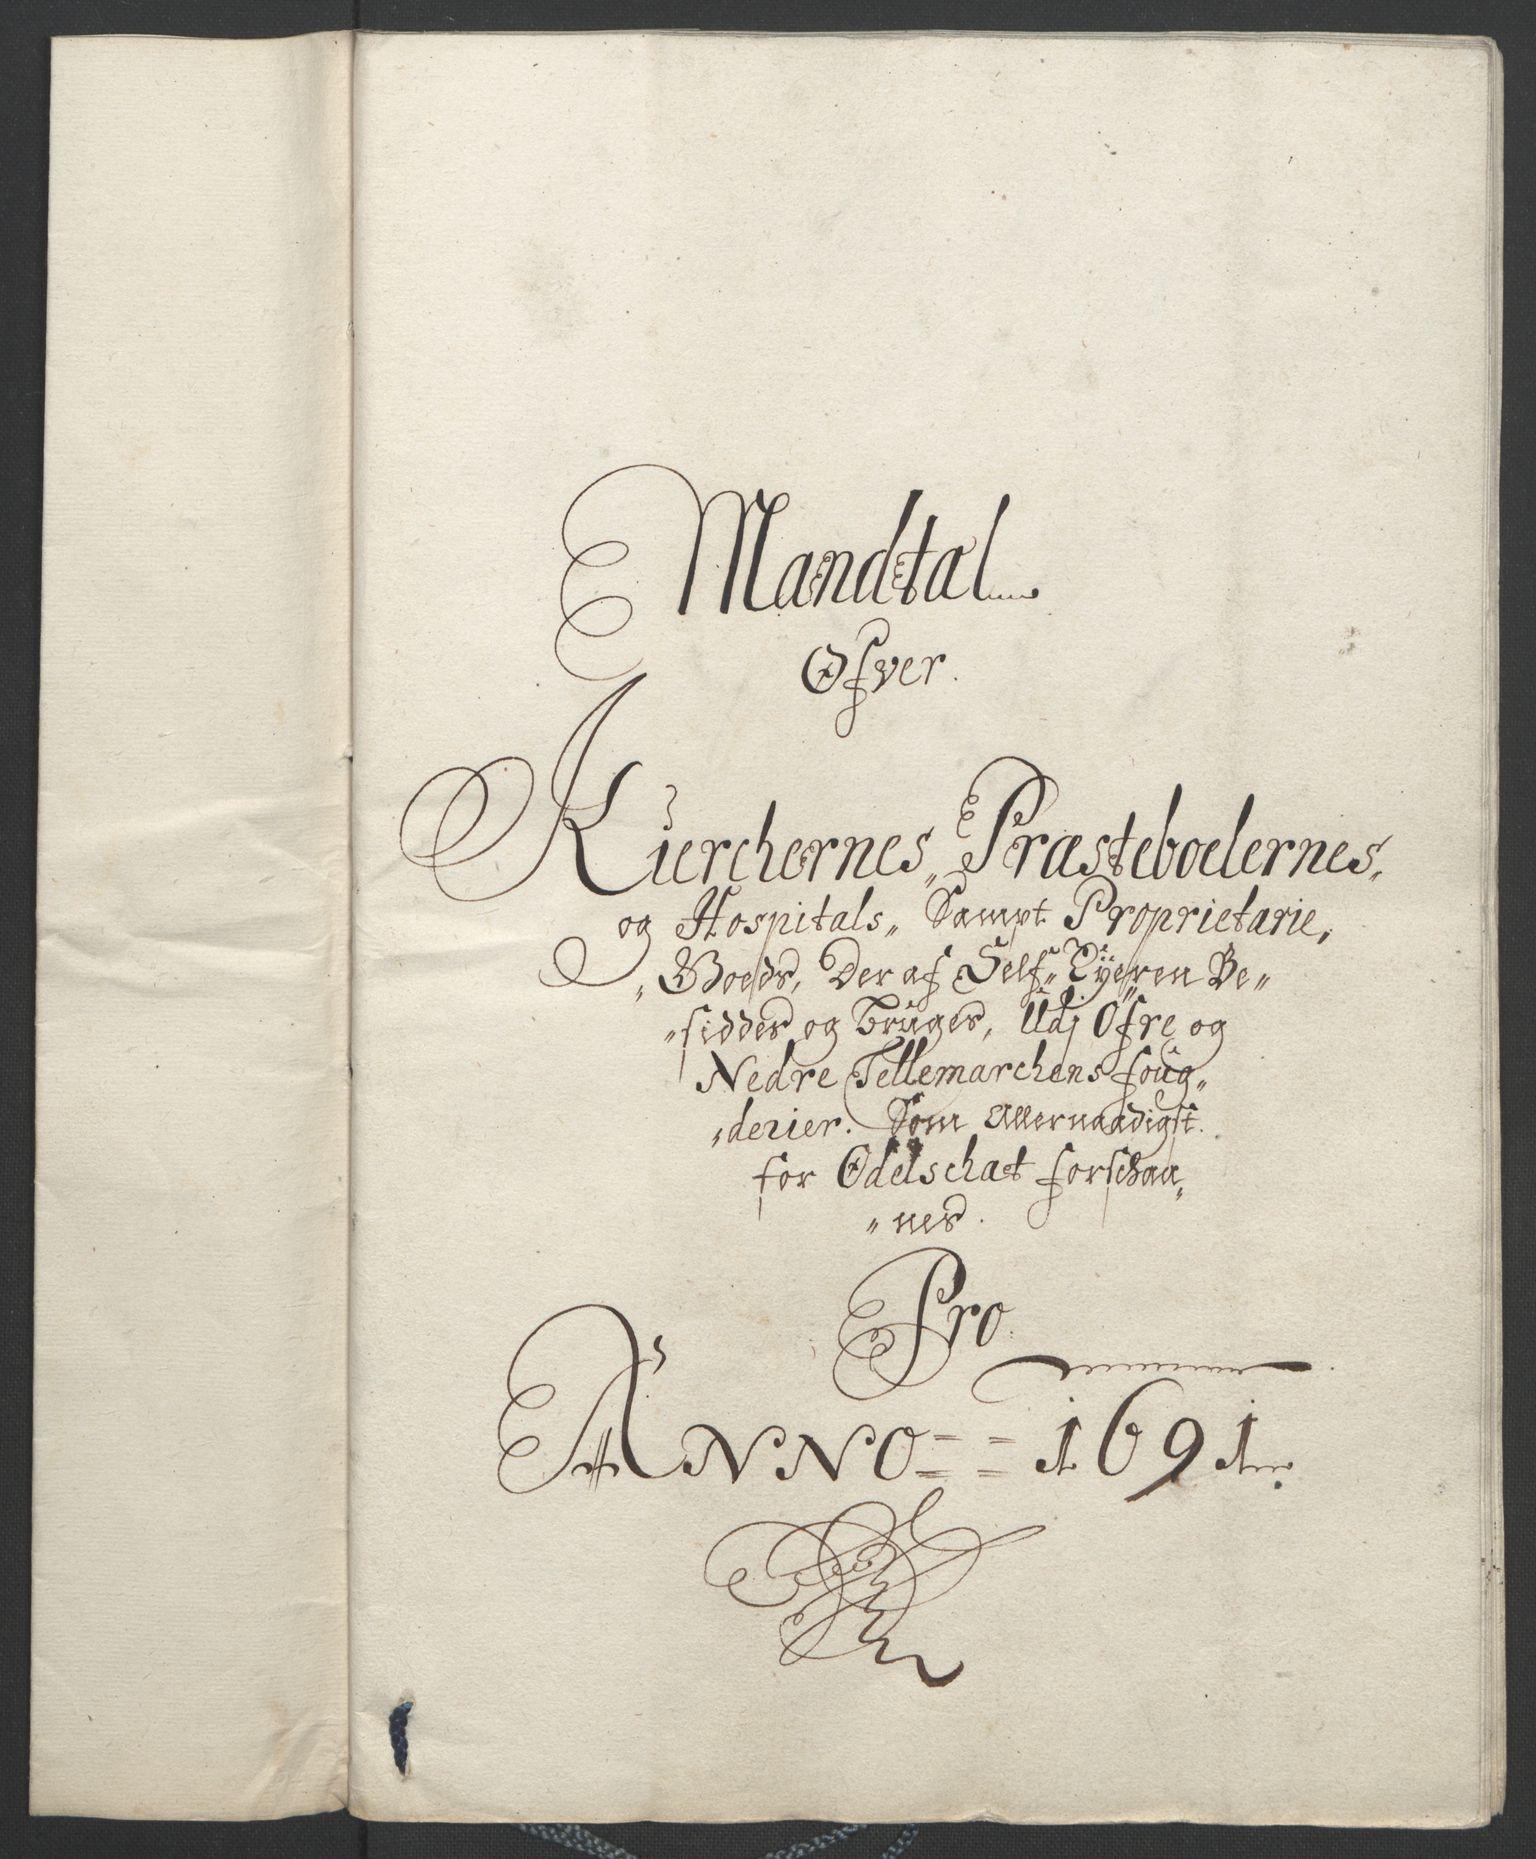 RA, Rentekammeret inntil 1814, Reviderte regnskaper, Fogderegnskap, R35/L2091: Fogderegnskap Øvre og Nedre Telemark, 1690-1693, s. 116